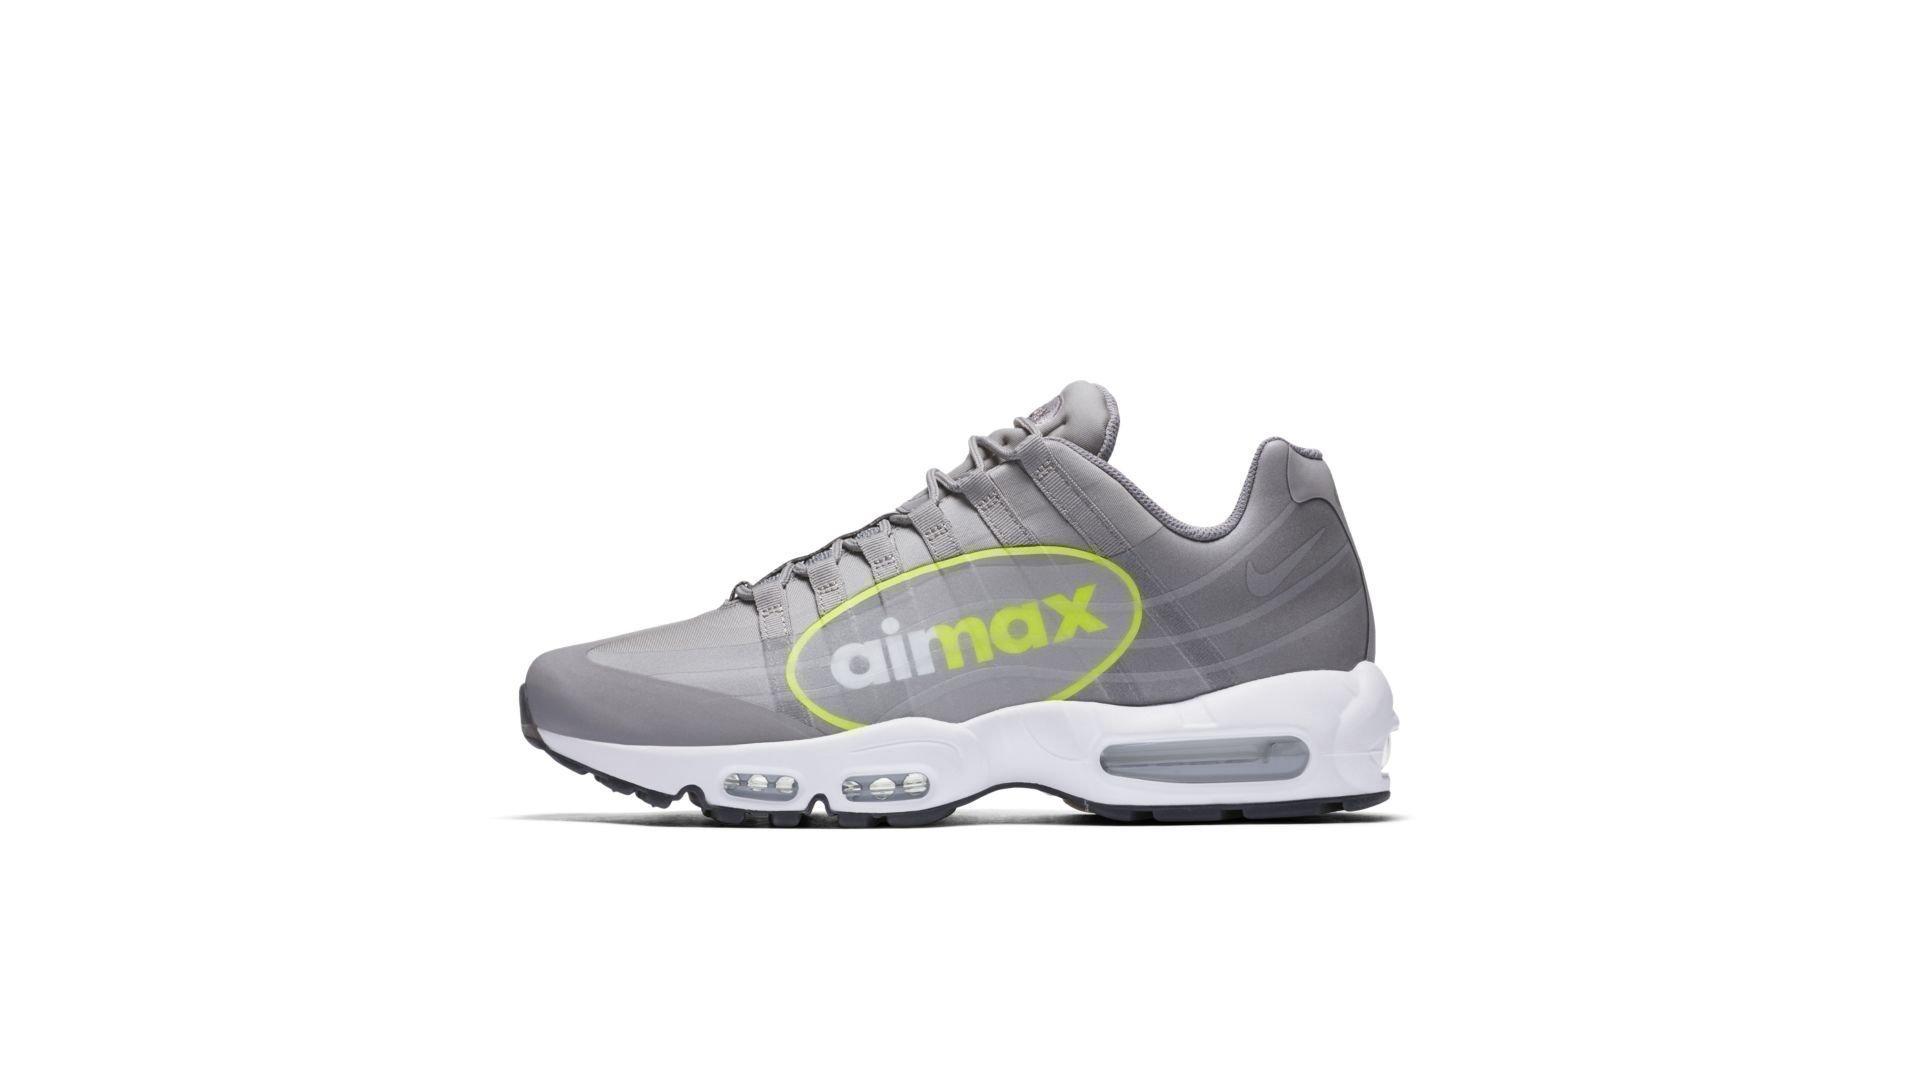 Nike Air Max 95 AJ7183-001